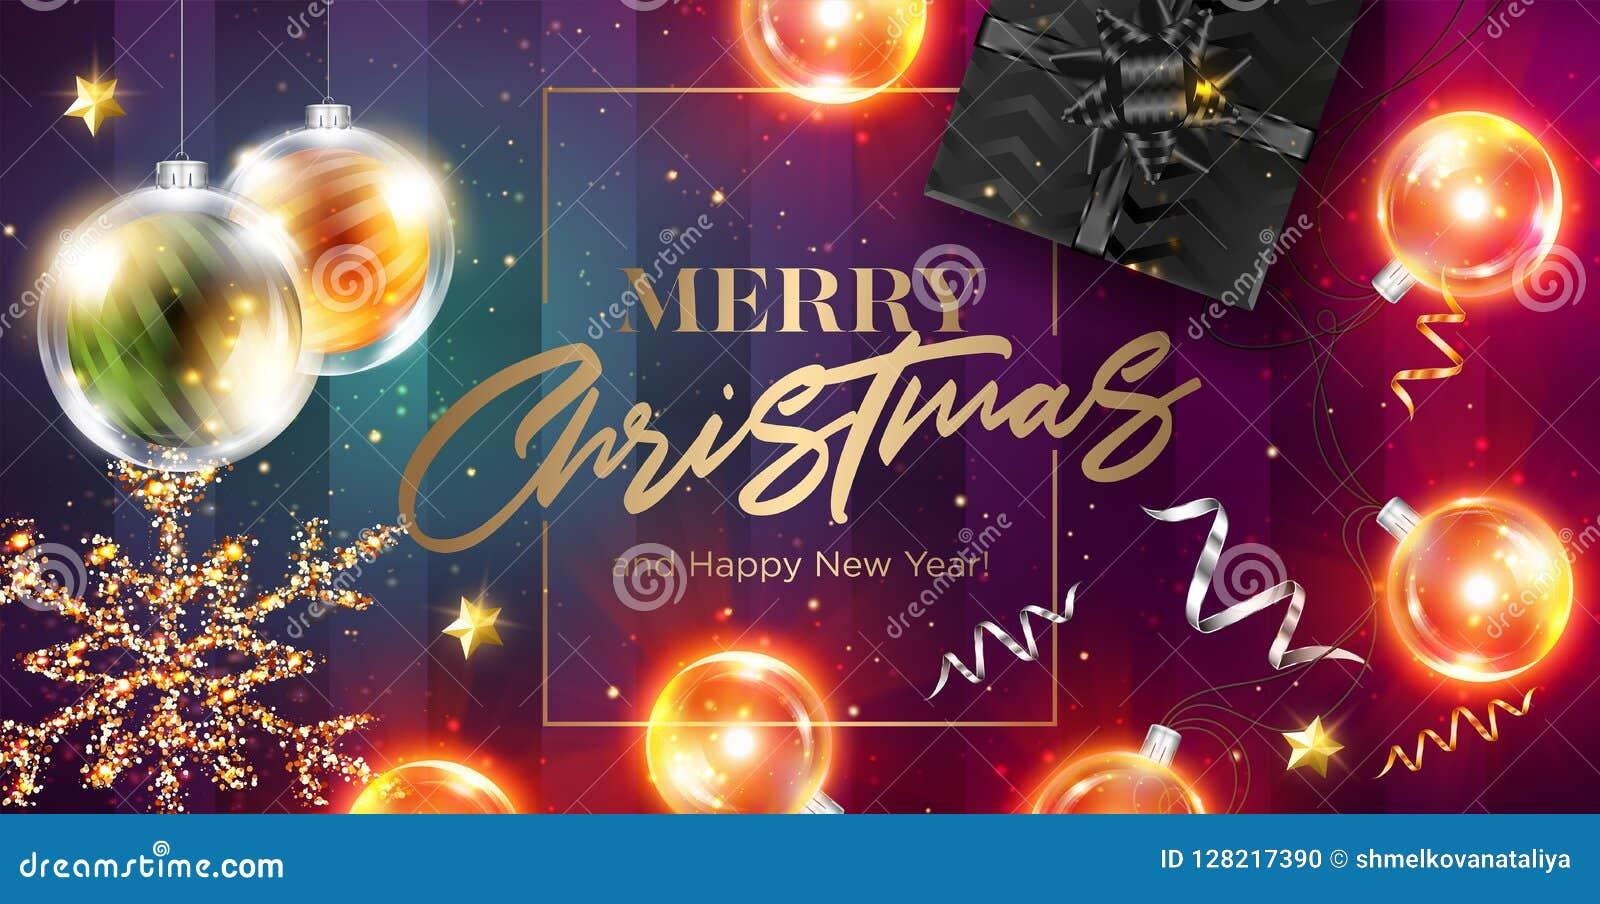 Karcianych bożych narodzeń wesoło wektor Szczęśliwi nowego roku 2019 powitania